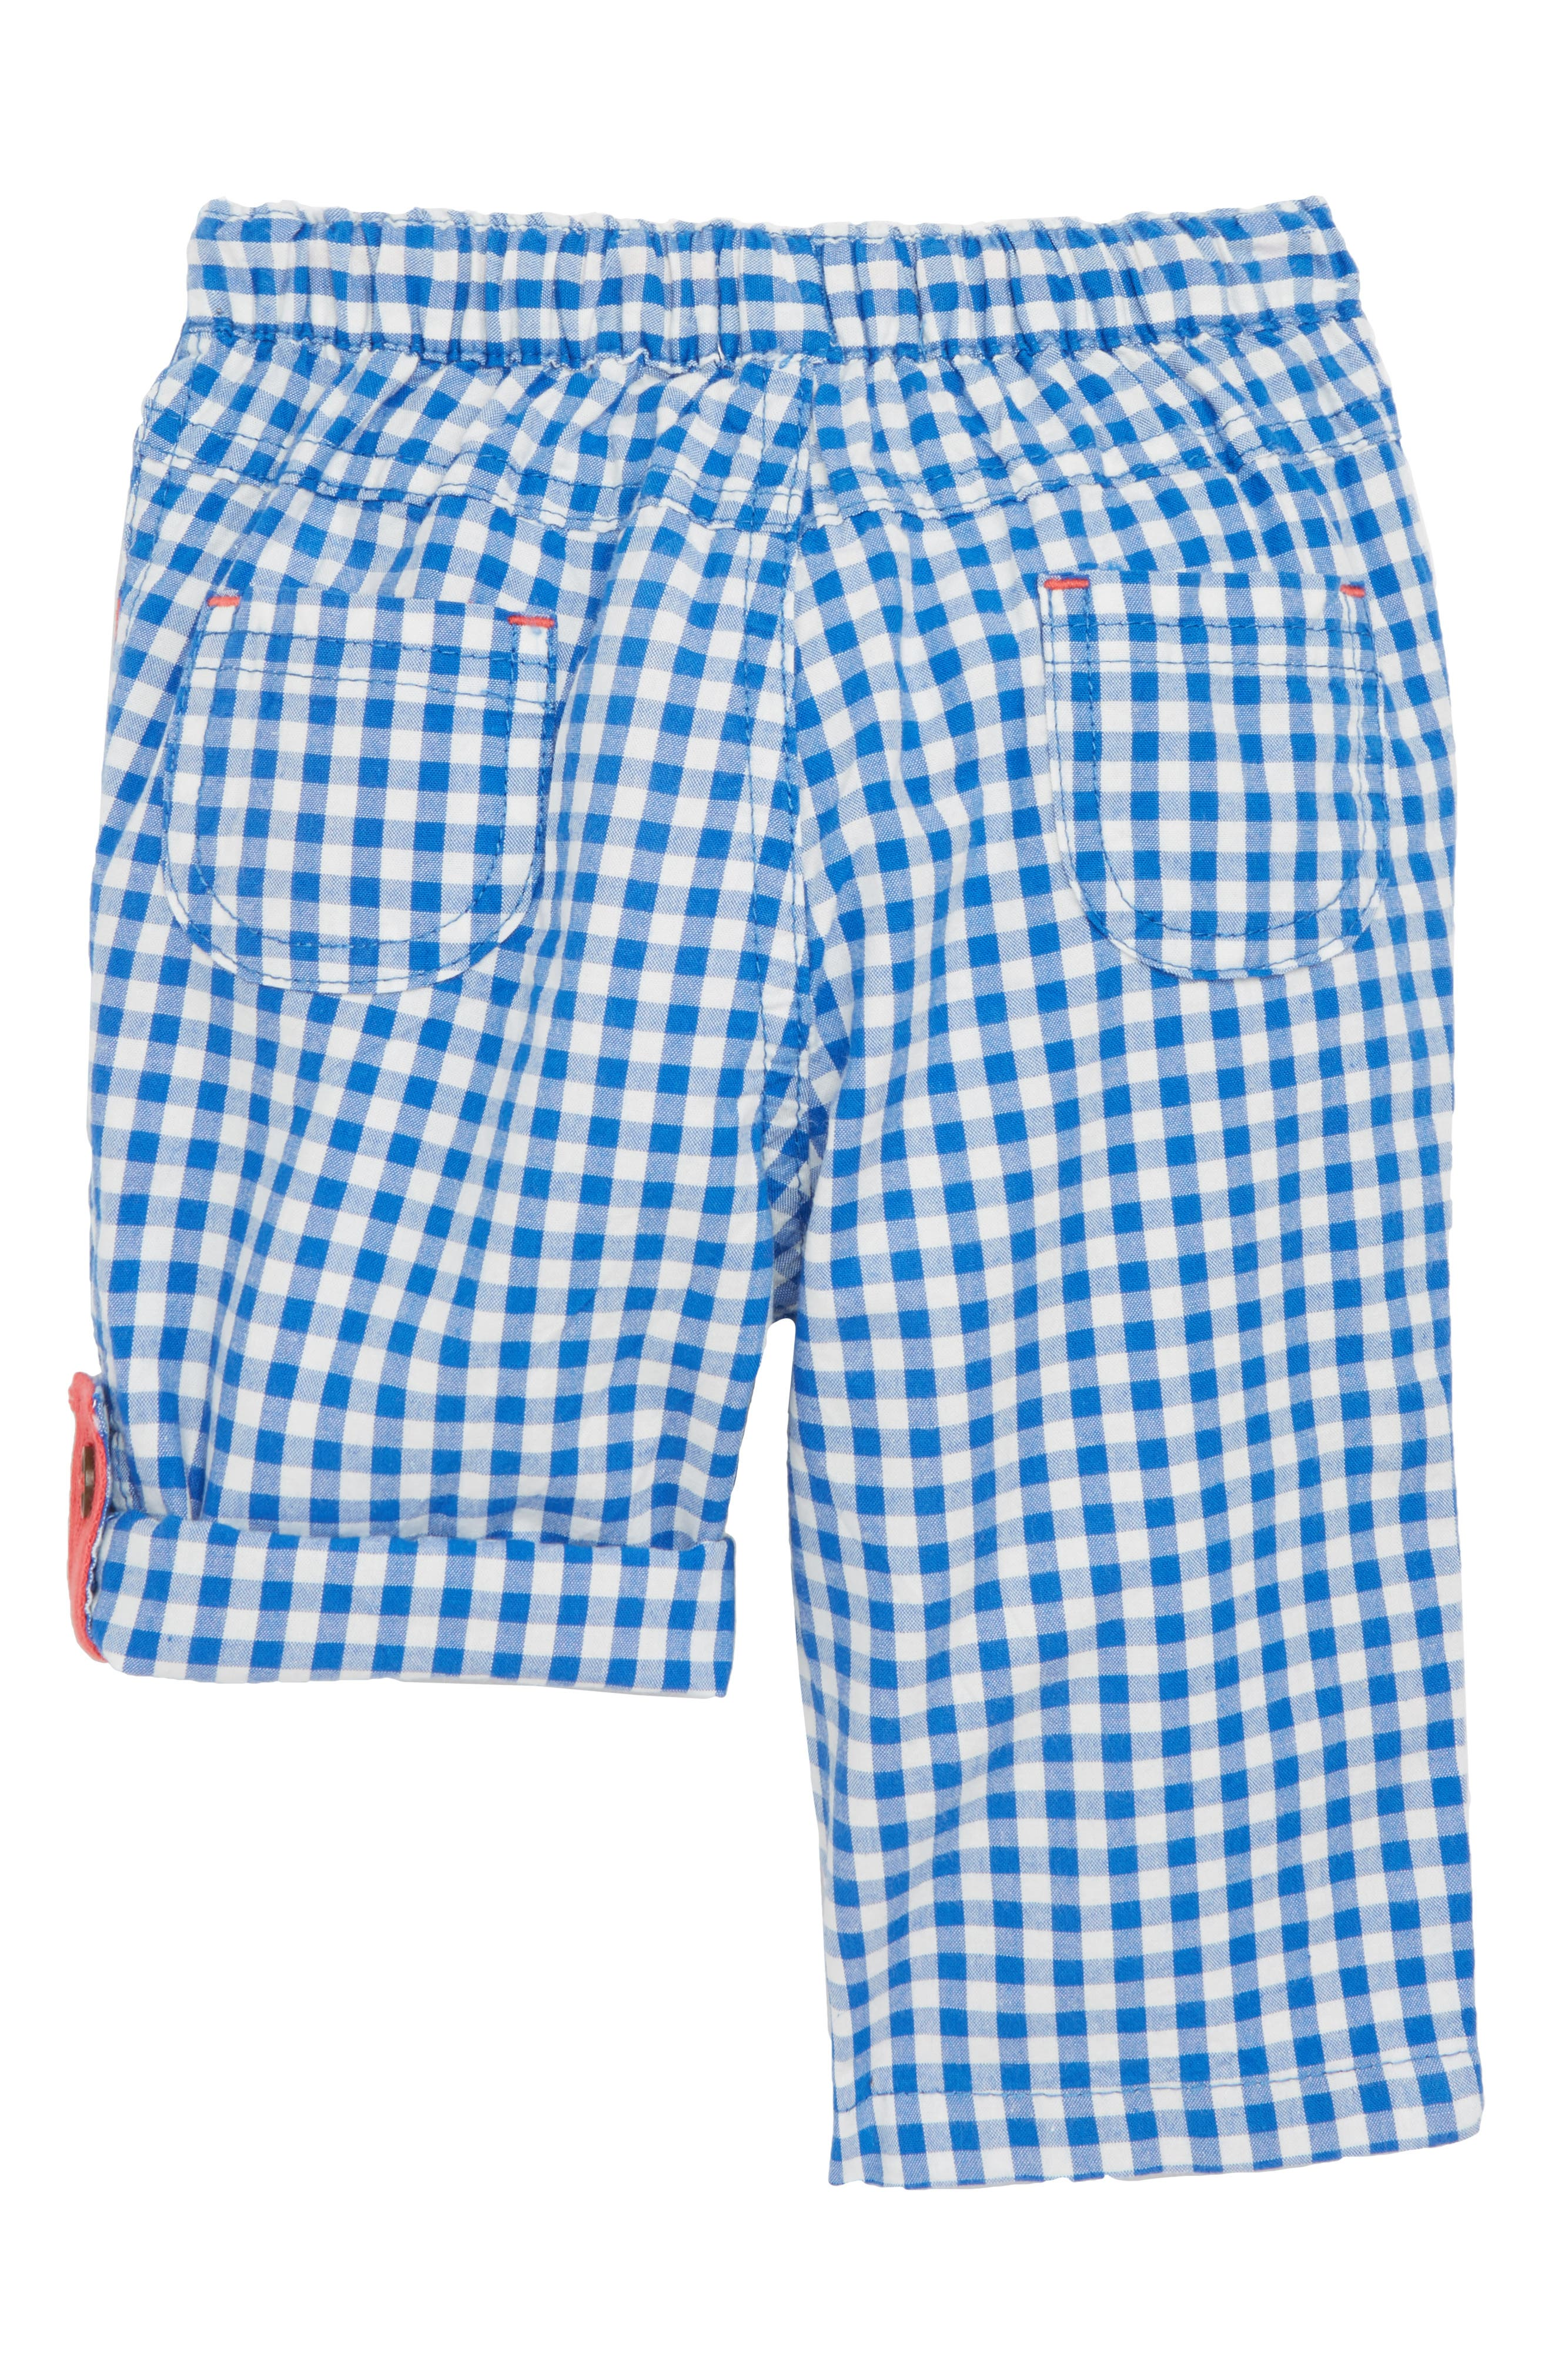 Roll-Up Trouser,                             Alternate thumbnail 2, color,                             Skipper Blue Gingham